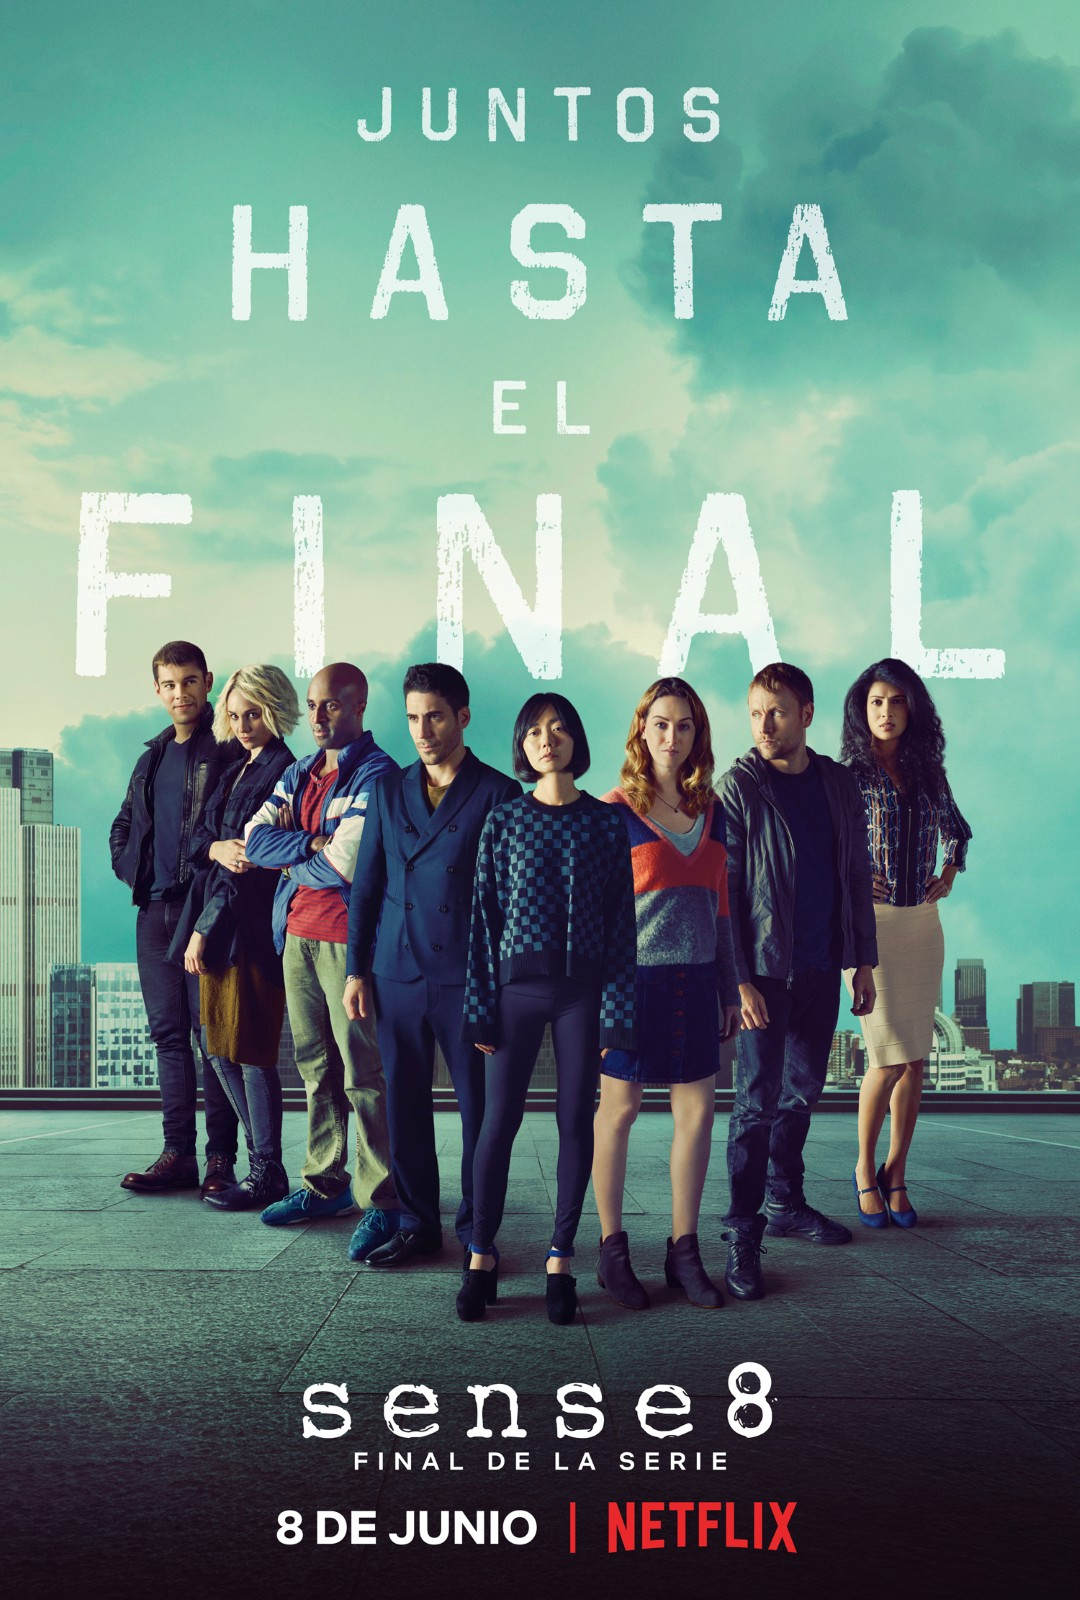 'Sense8': Fecha de estreno del final de la serie